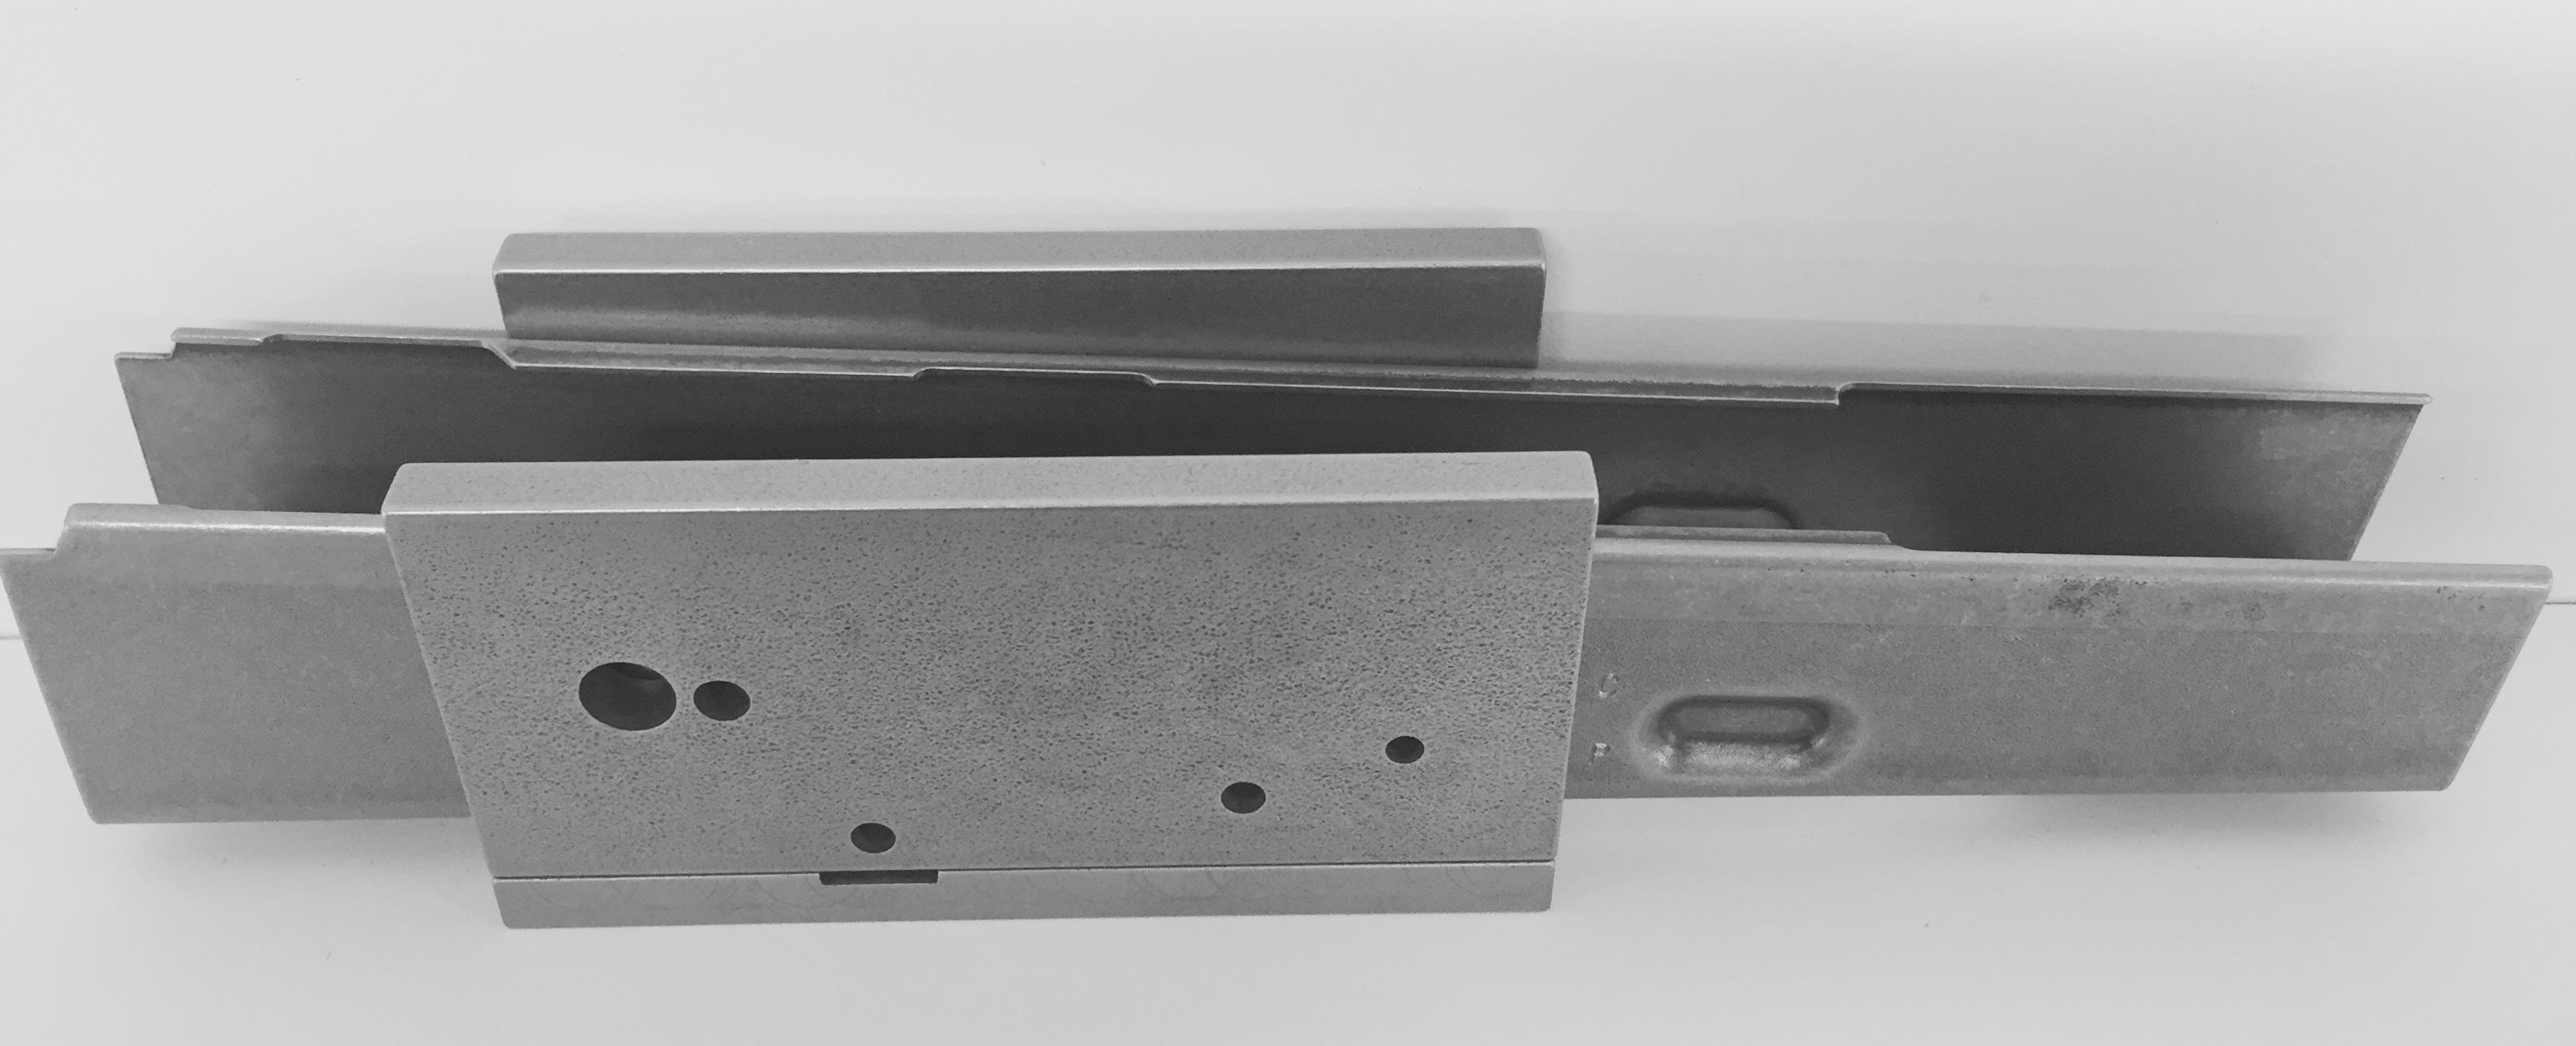 Ak 47 80 receiver - 0001 Ak Blank Drill Jig